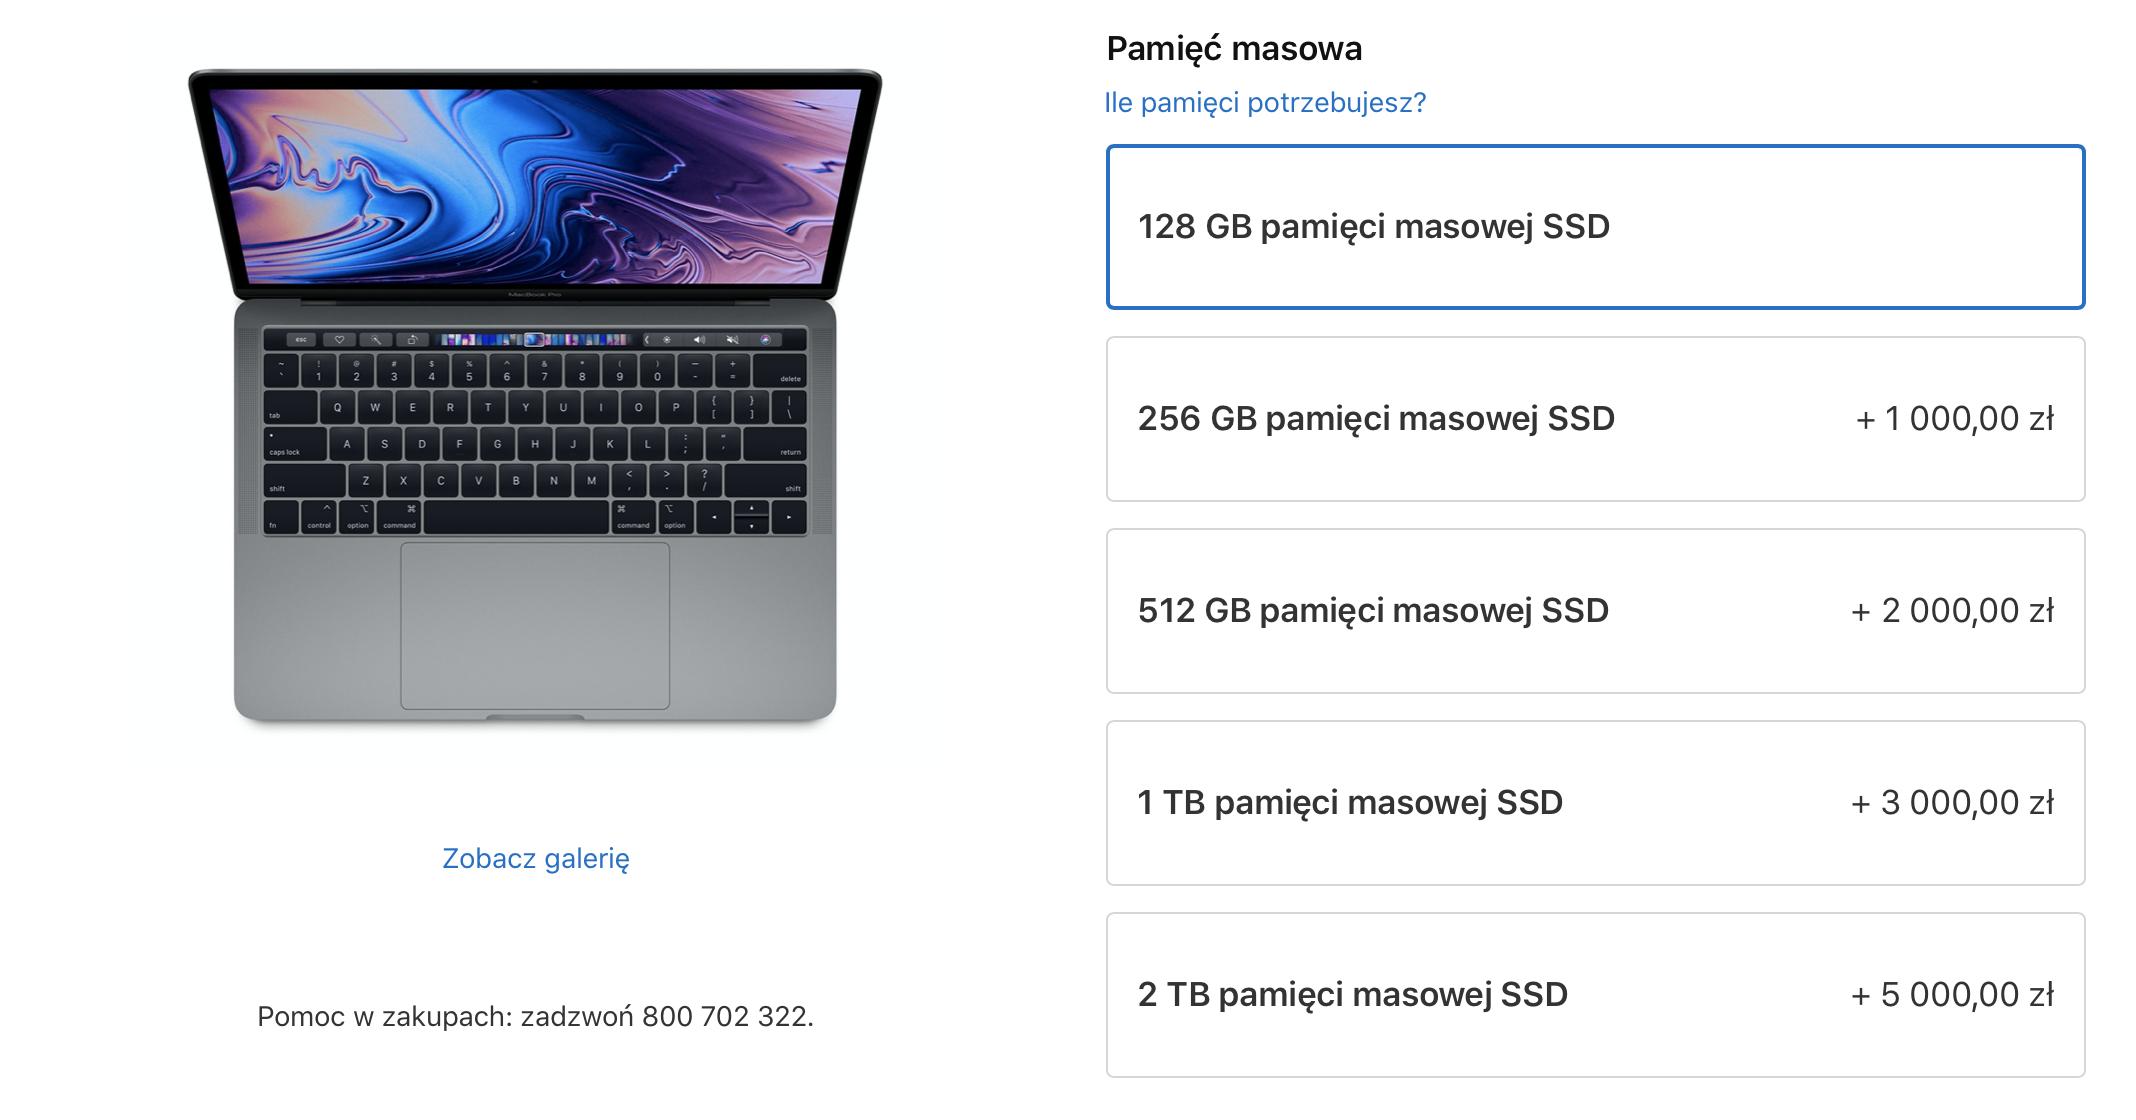 Apple wreszcie zrozumiało, że dysk 128 GB w komputerze to jednak za mało 19